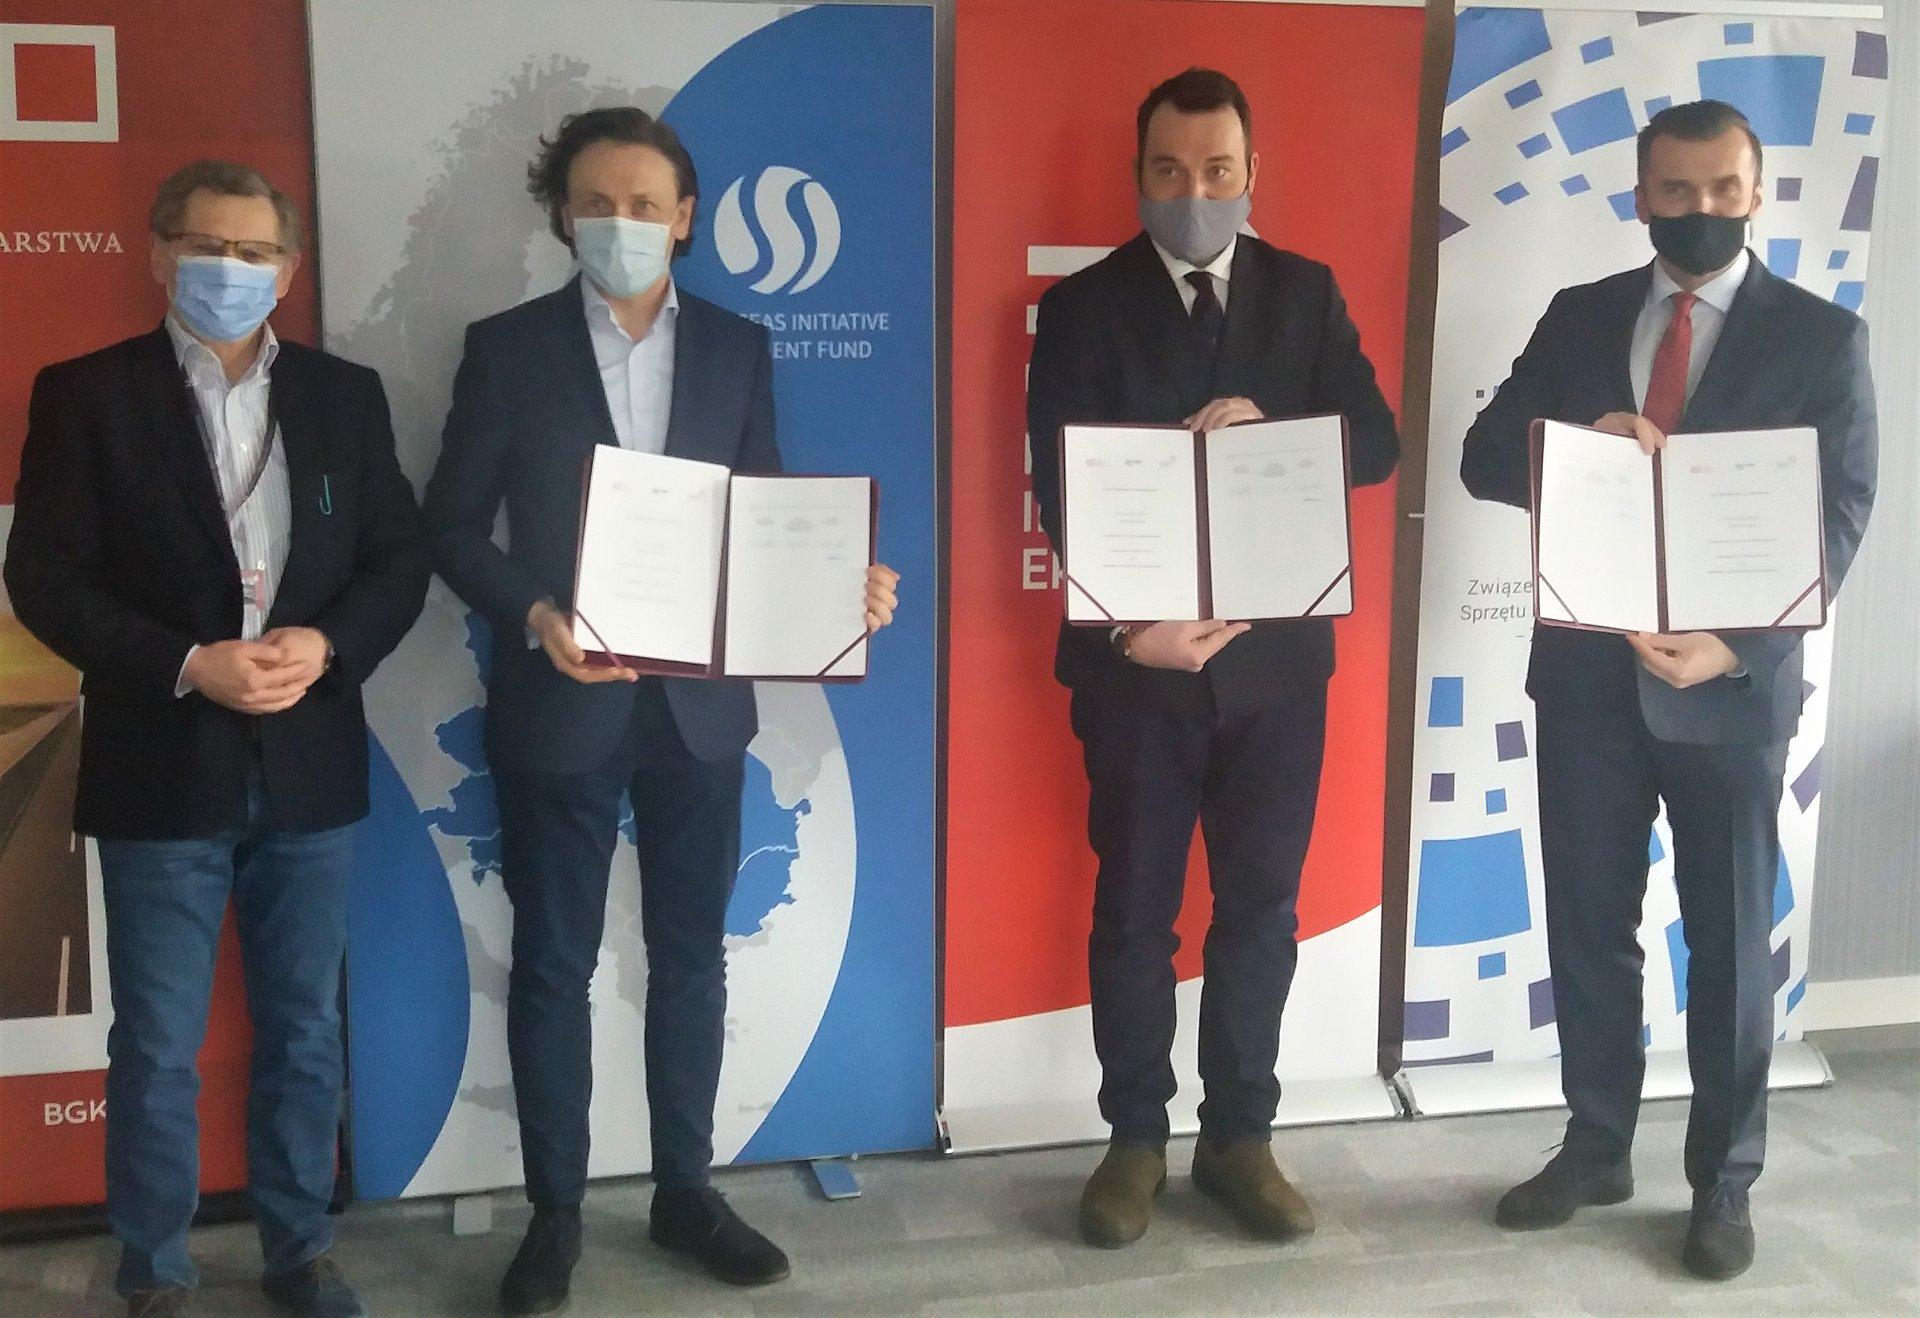 BGK, PIE oraz Cyfrowa Polska będą współpracować na rzecz budowy cyfrowego Trójmorza